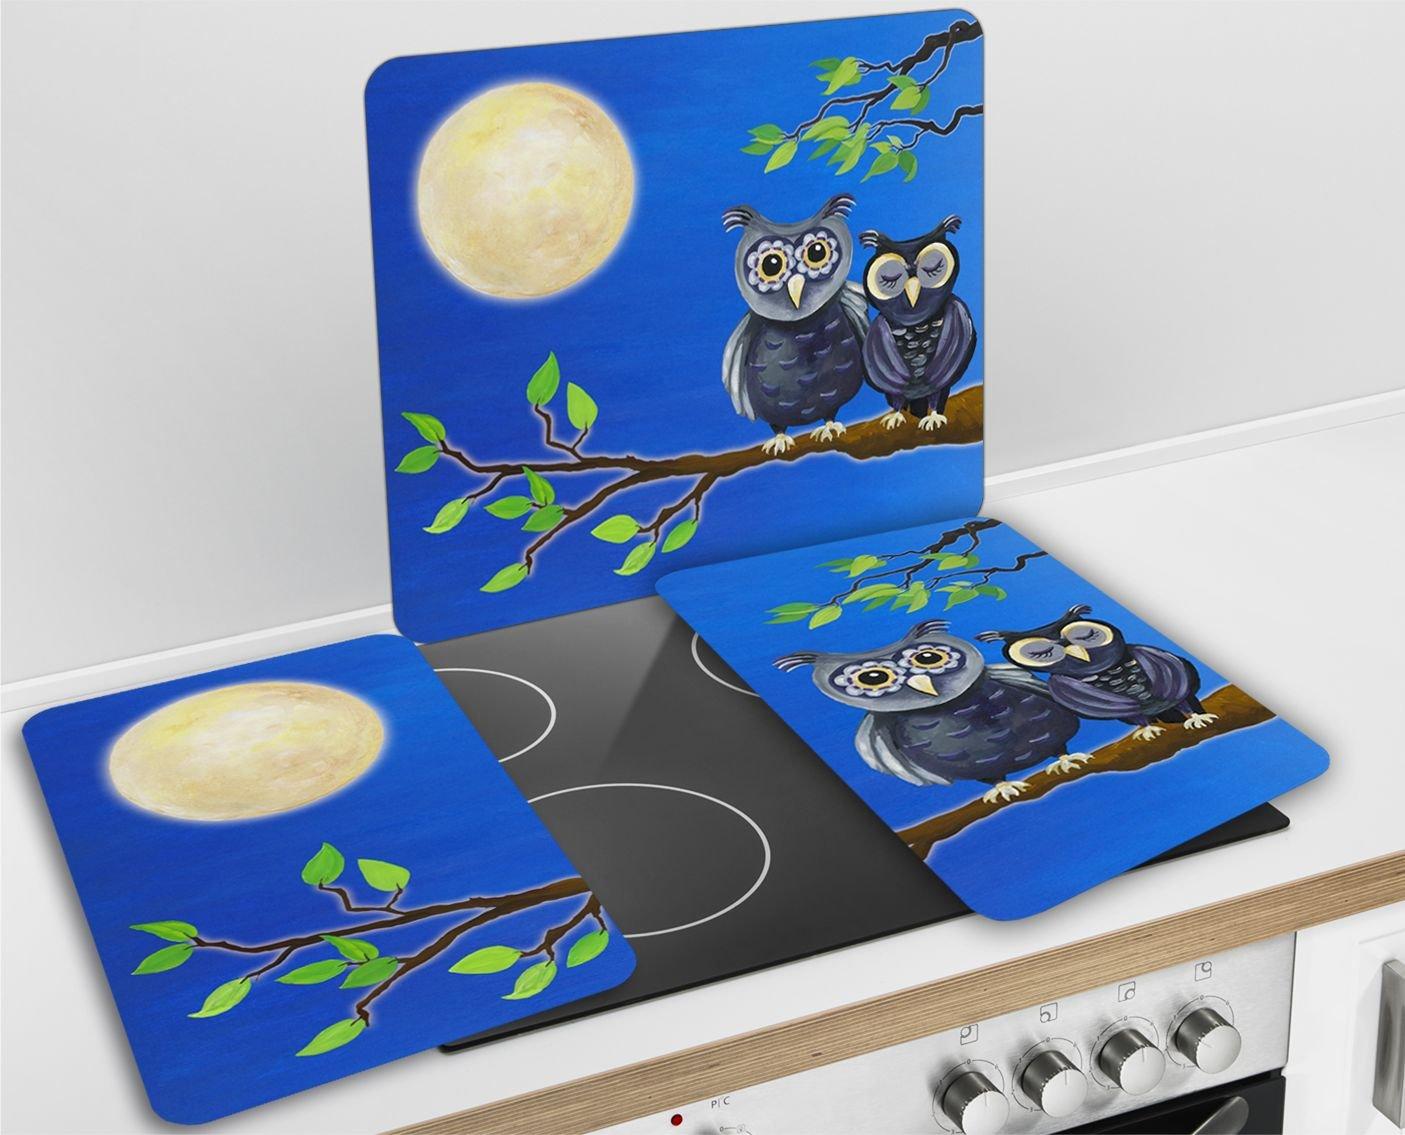 Wenko 2521455500 Cubiertas de Cocina Universal Lechuza - Juego de 2 Piezas para Todos los Tipos de cocinas, Vidrio - Vidrio endurecido, 30 x 1,8-4,5 x ...